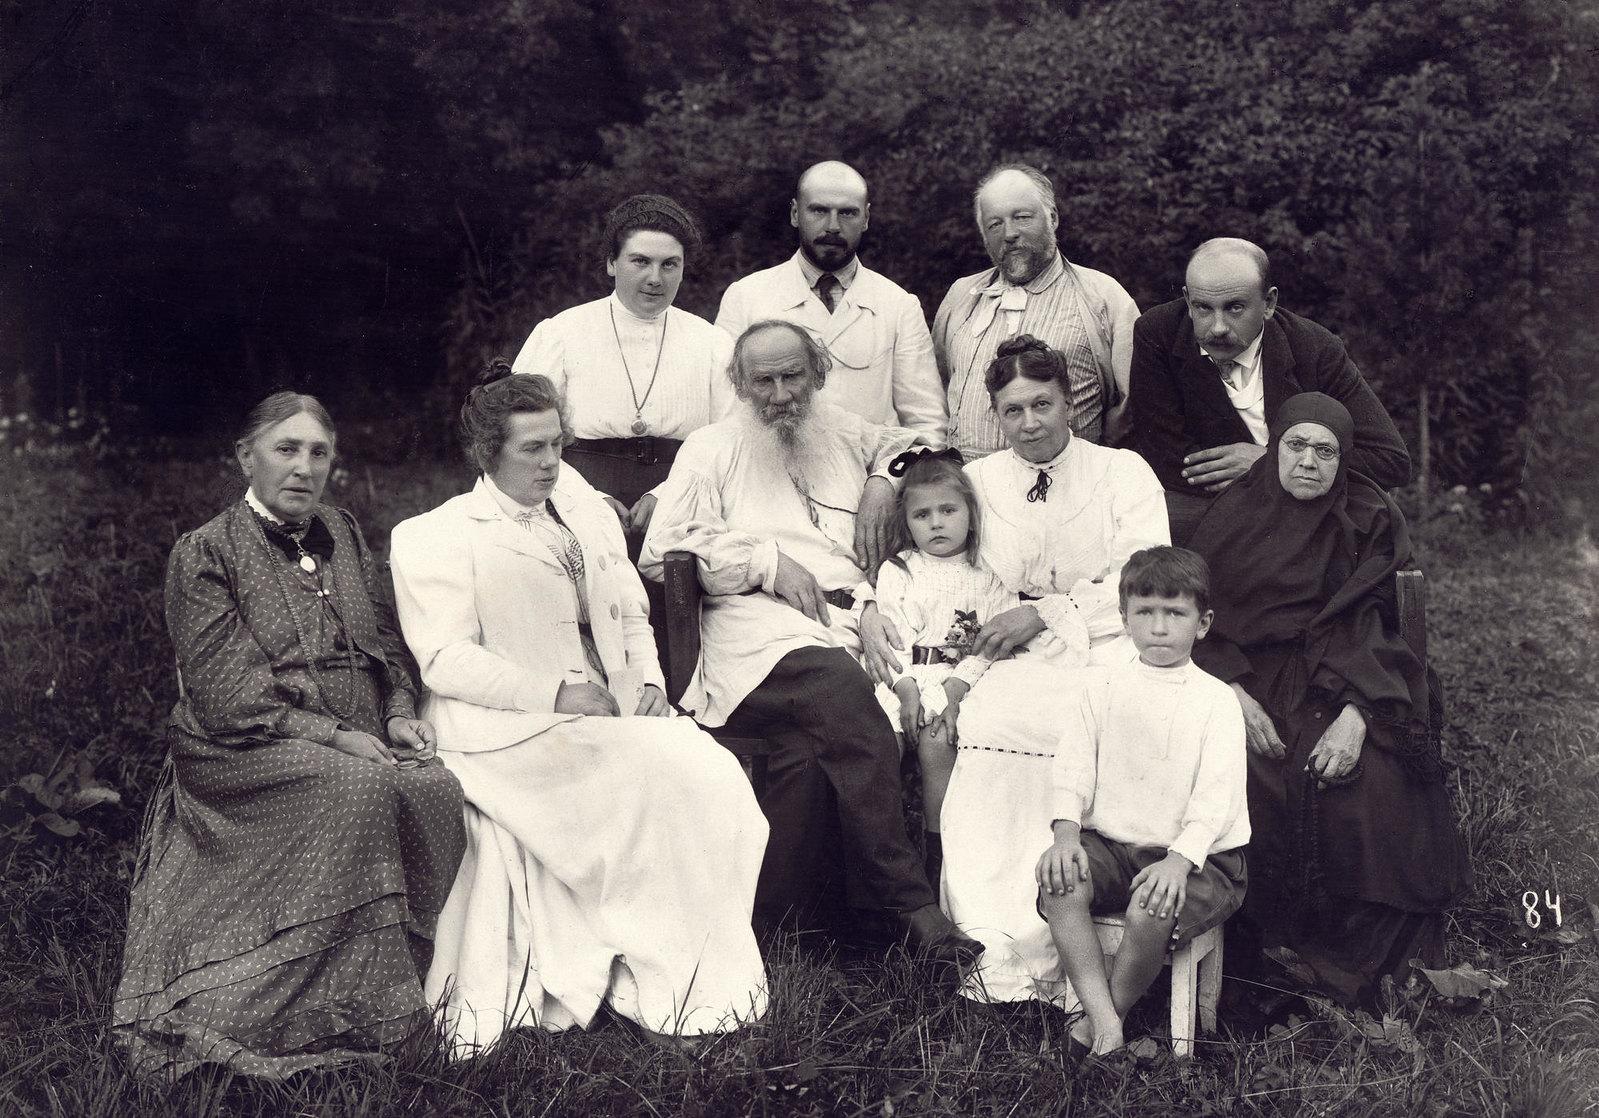 1908. Л.Н. Толстой с родными в парке Ясной Поляны